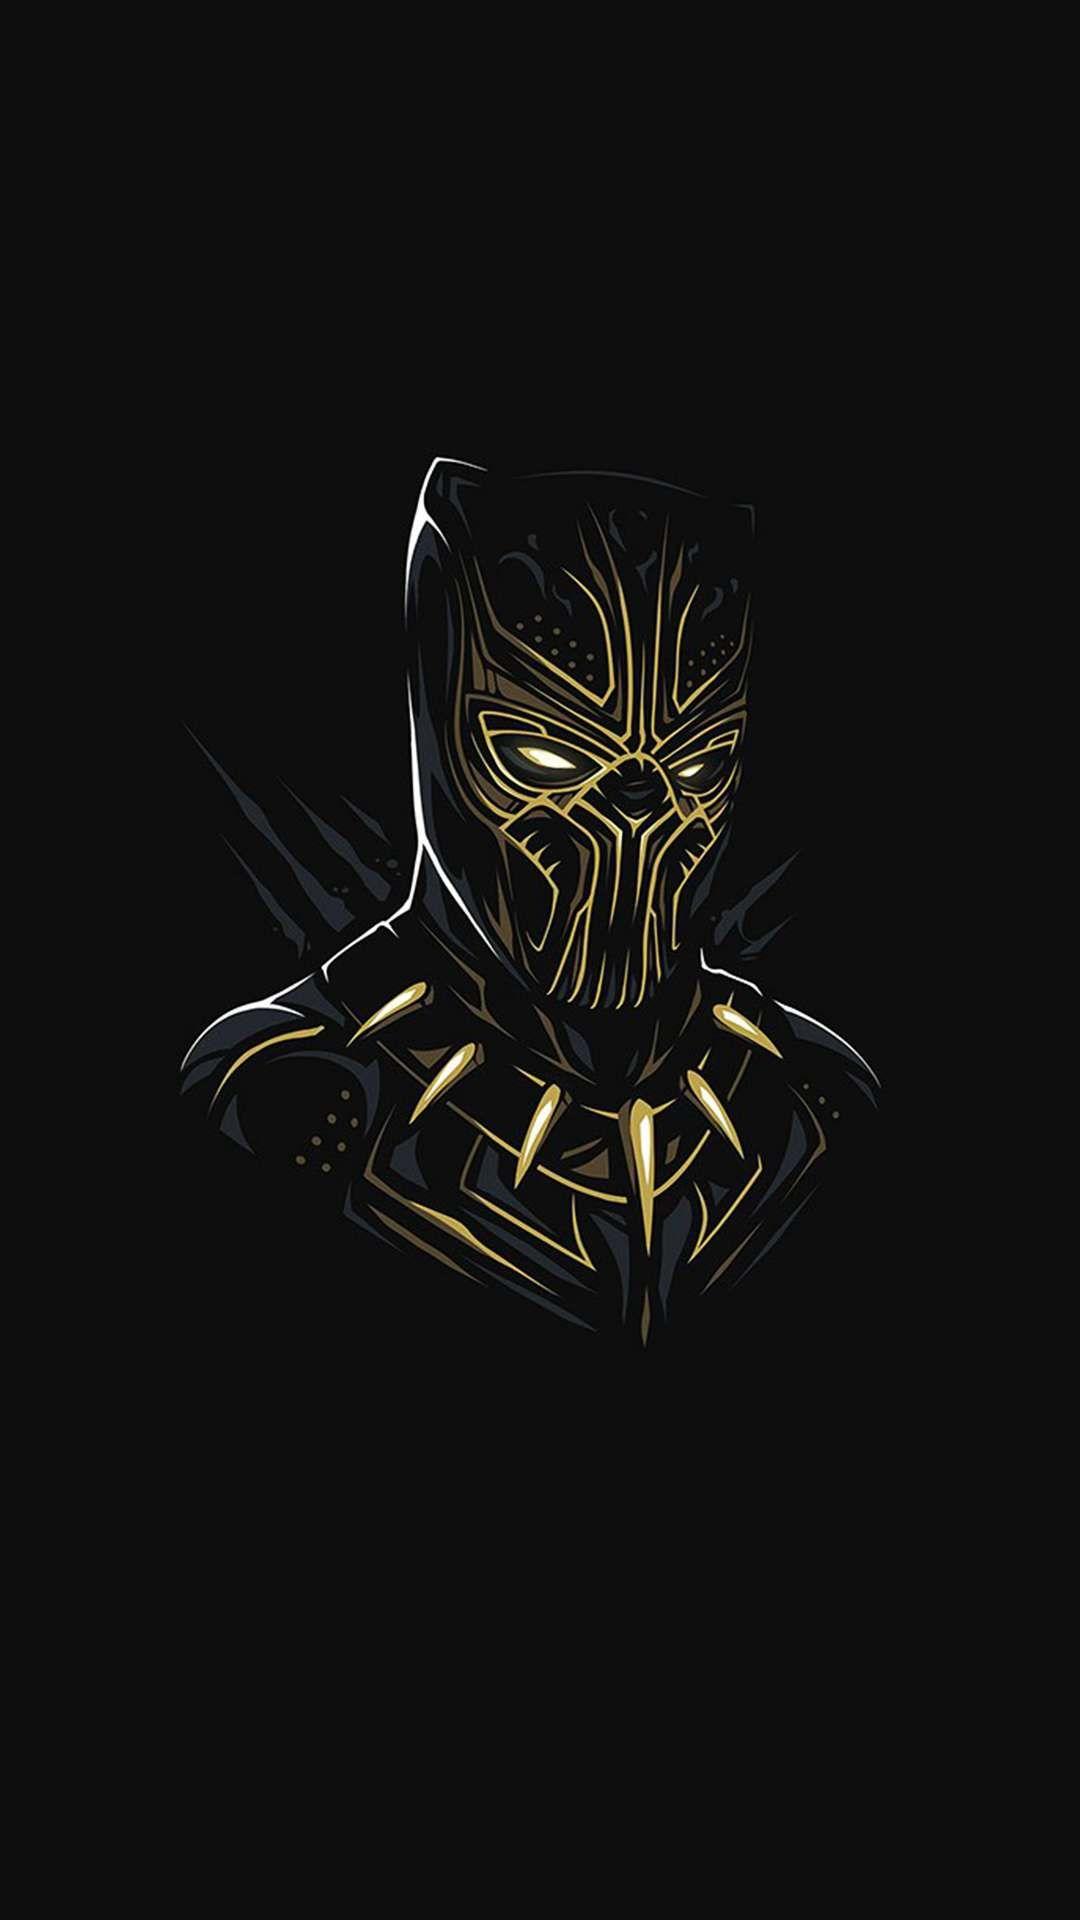 Black Panther Killmonger Minimal Iphone Wallpaper Black Panther Marvel Black Panther Art Marvel Wallpaper